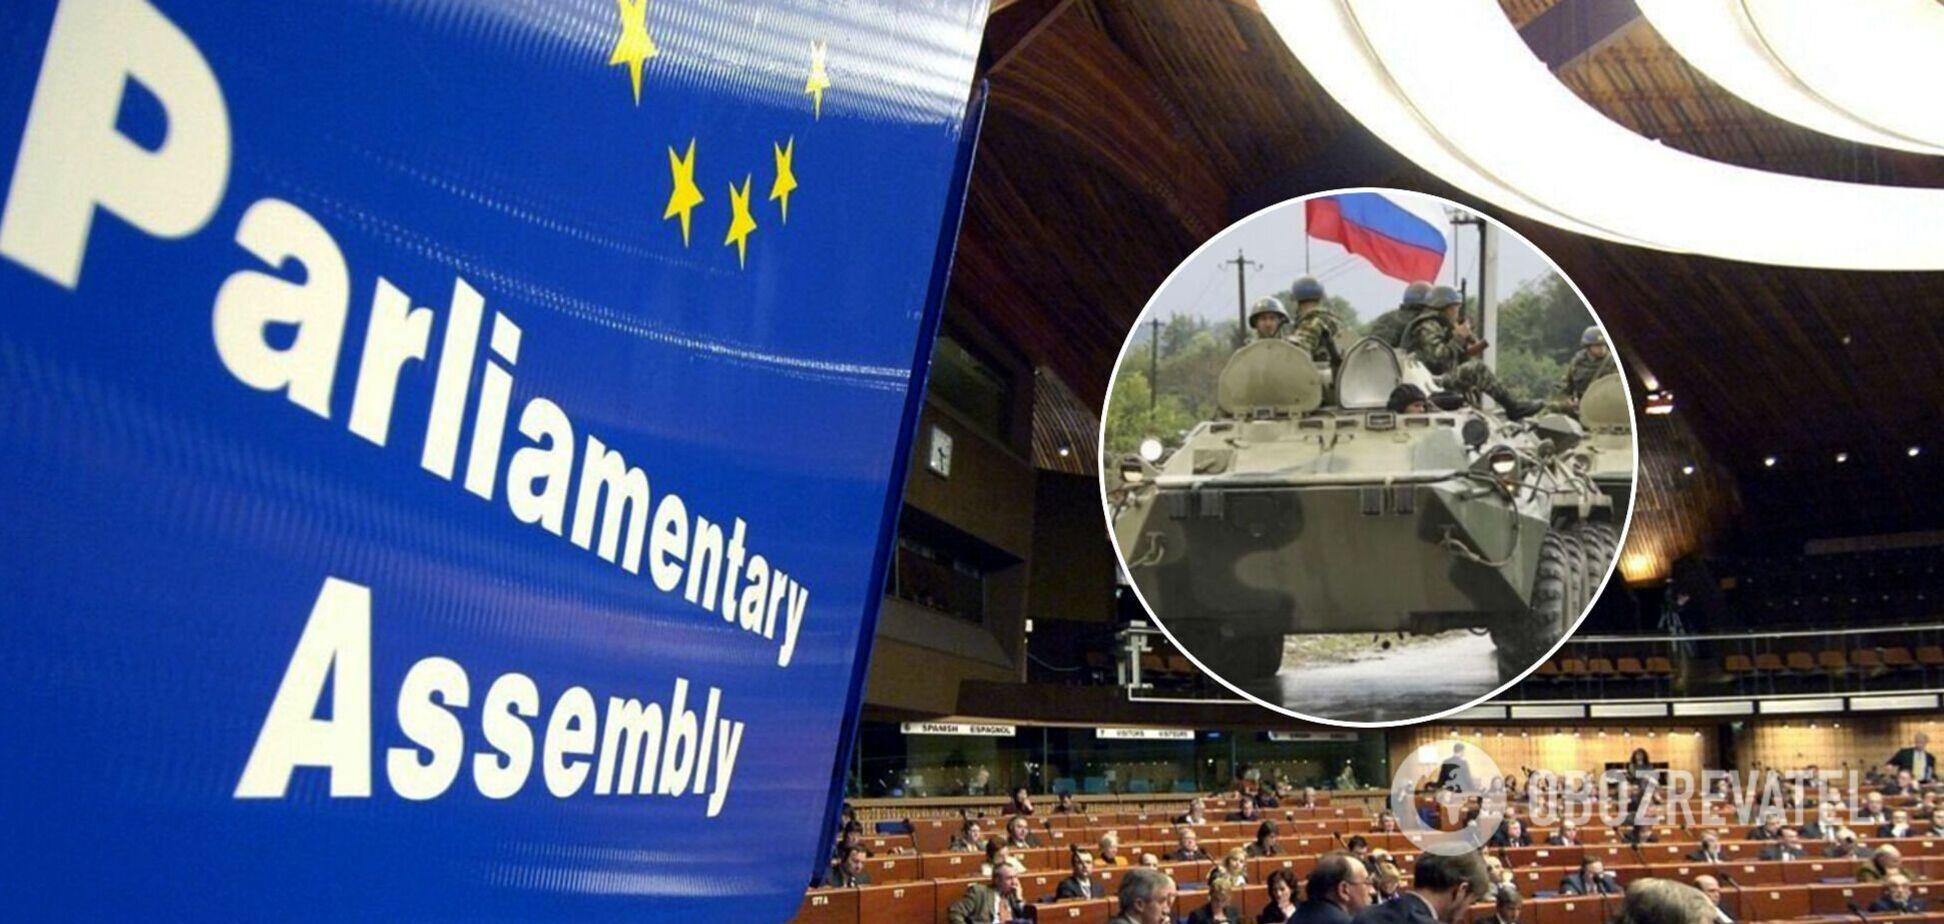 Заява в ПАРЄ вплинула на відведення військ РФ: 'слуги' розповіли про успіхи української делегації